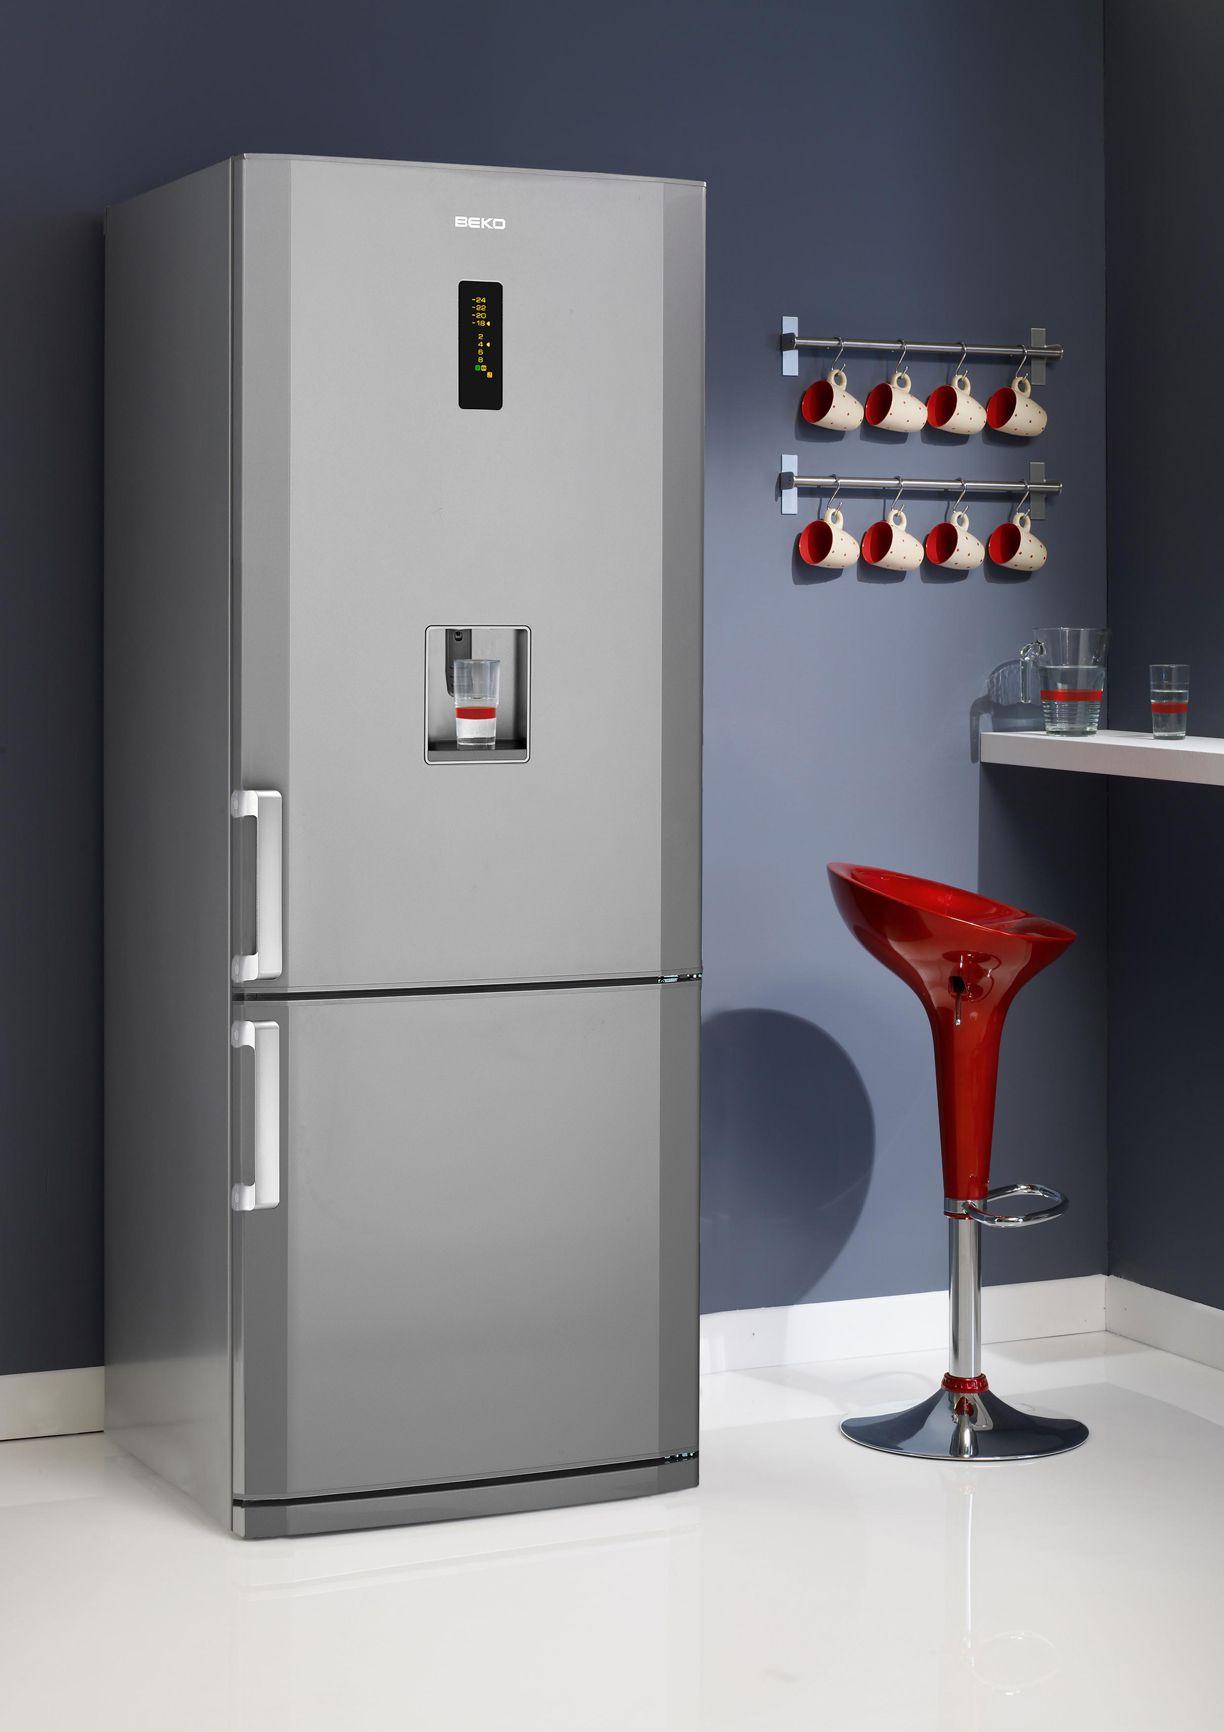 beko cn142221ds r frig rateur cong lateur bas 426l 301 125 froid ventil a l 70cm x. Black Bedroom Furniture Sets. Home Design Ideas